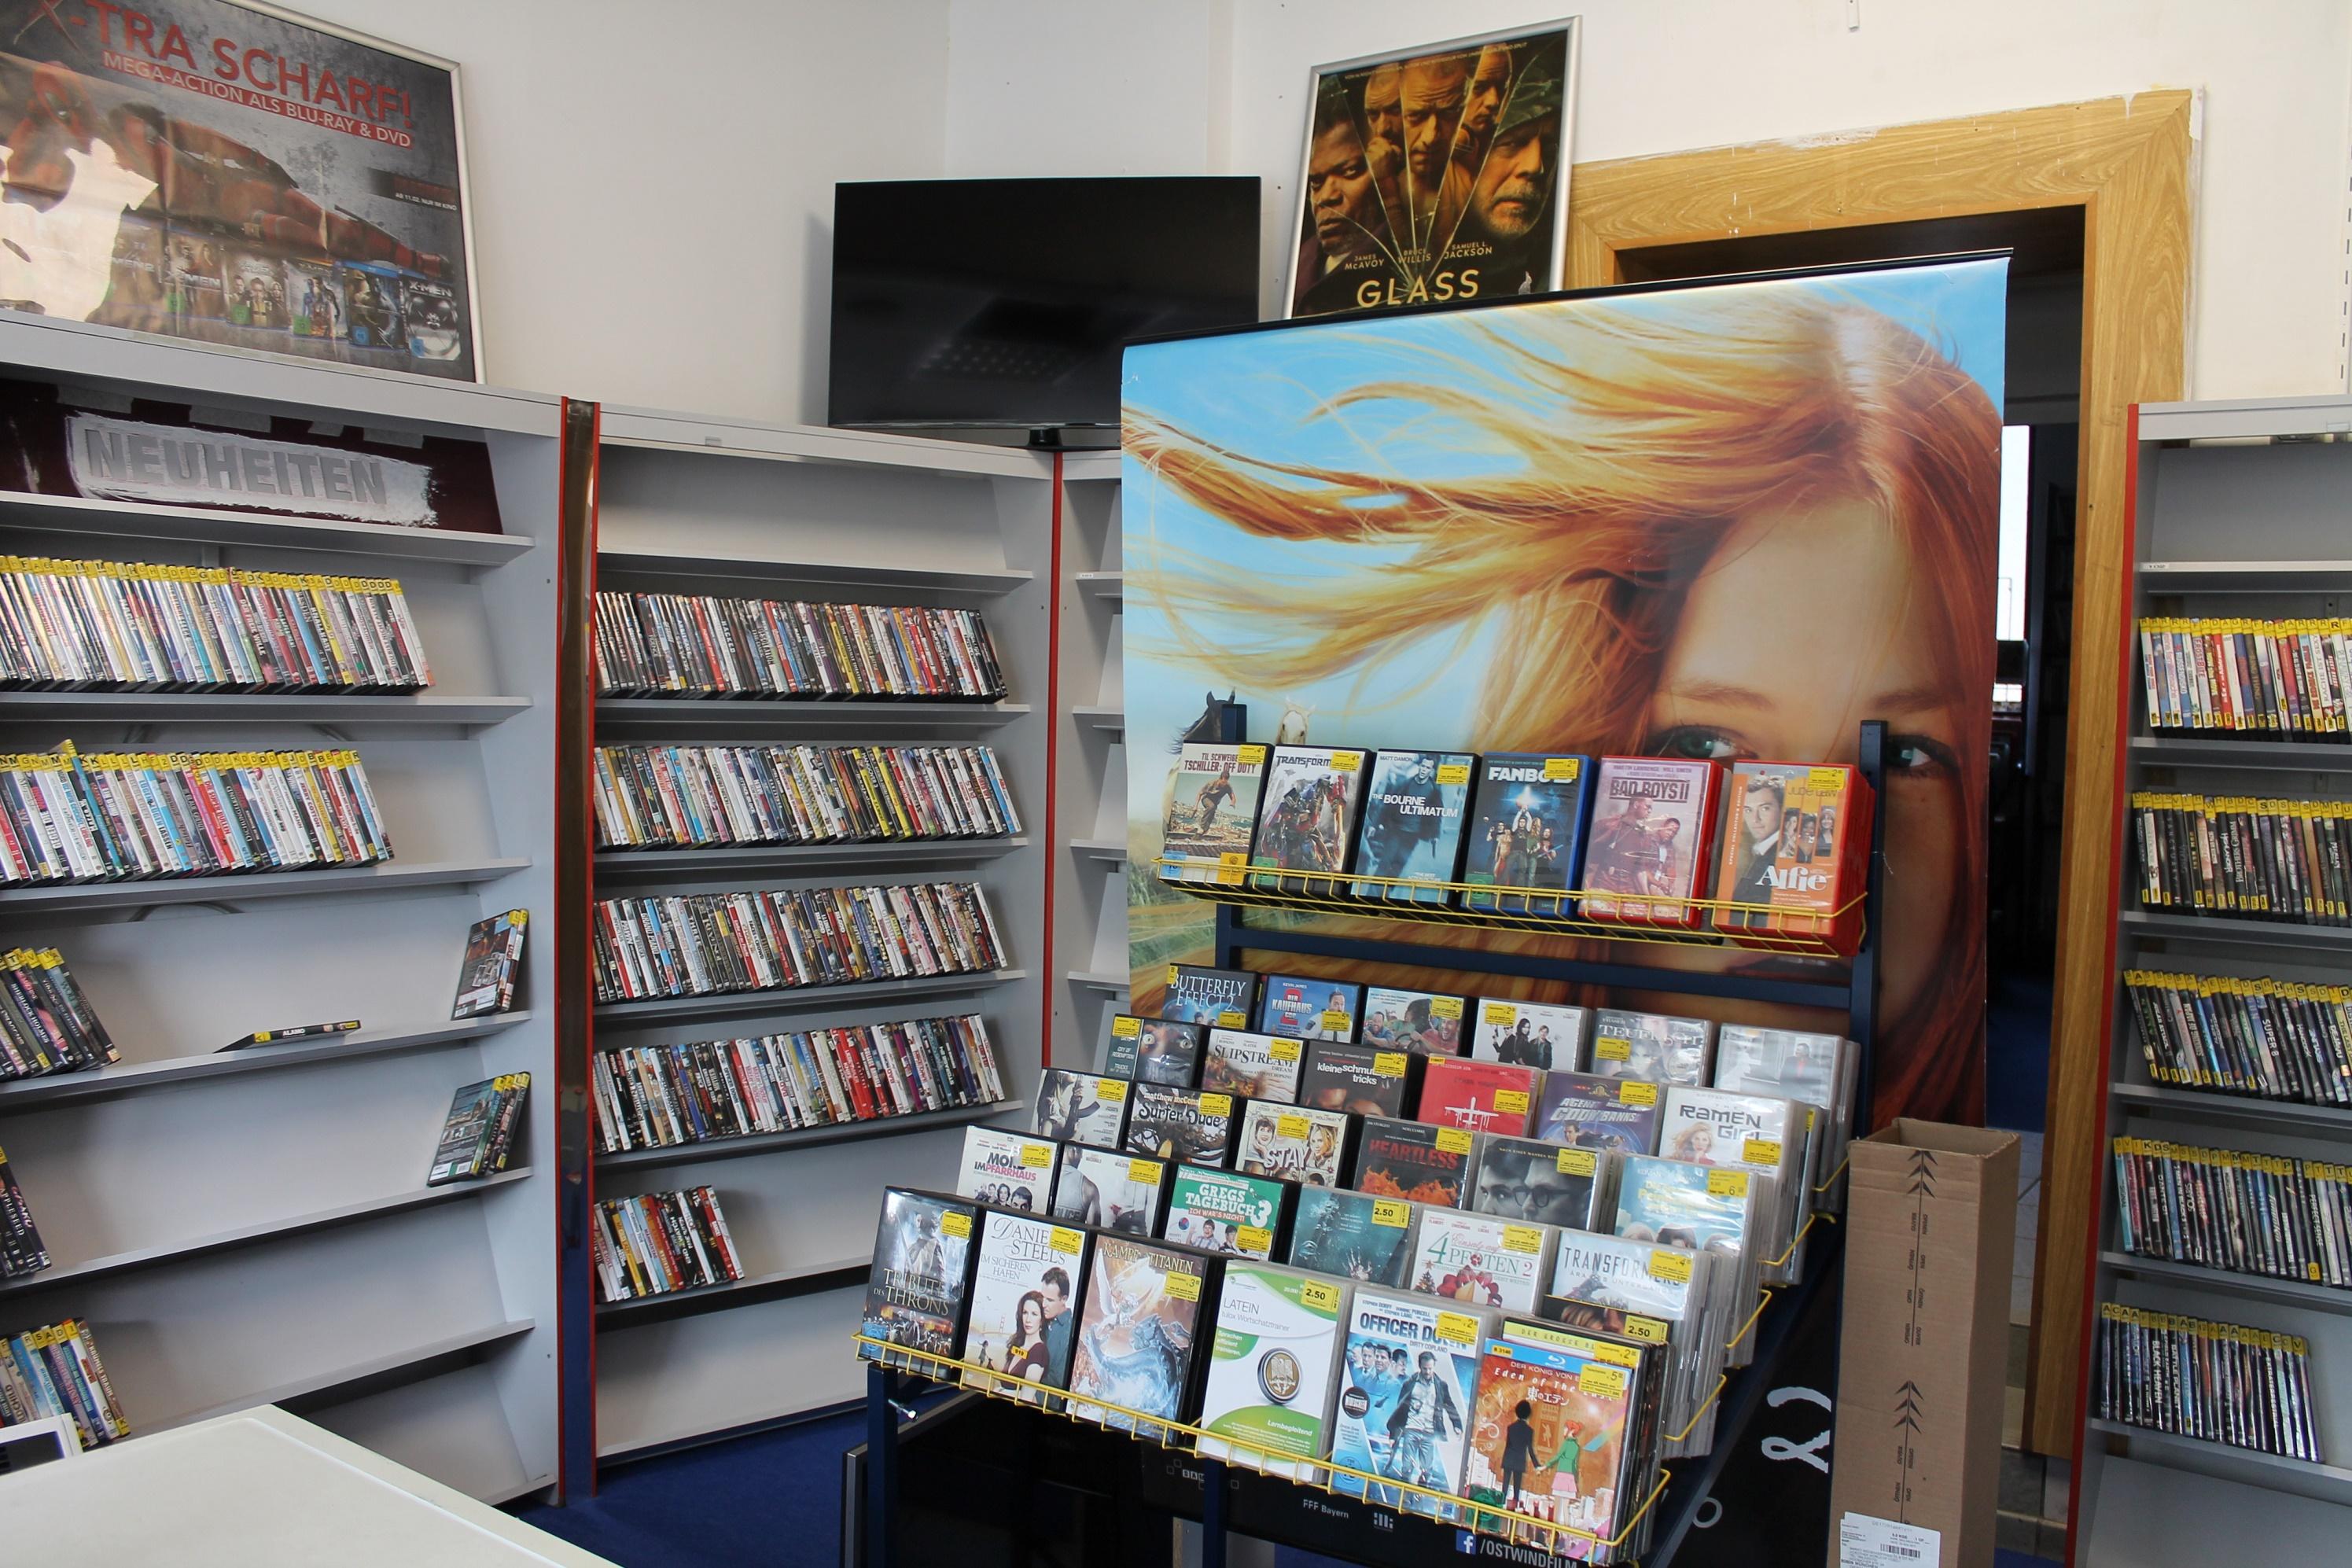 öffnungszeiten Von Videothek Dvd Xxxl Discount München Ost